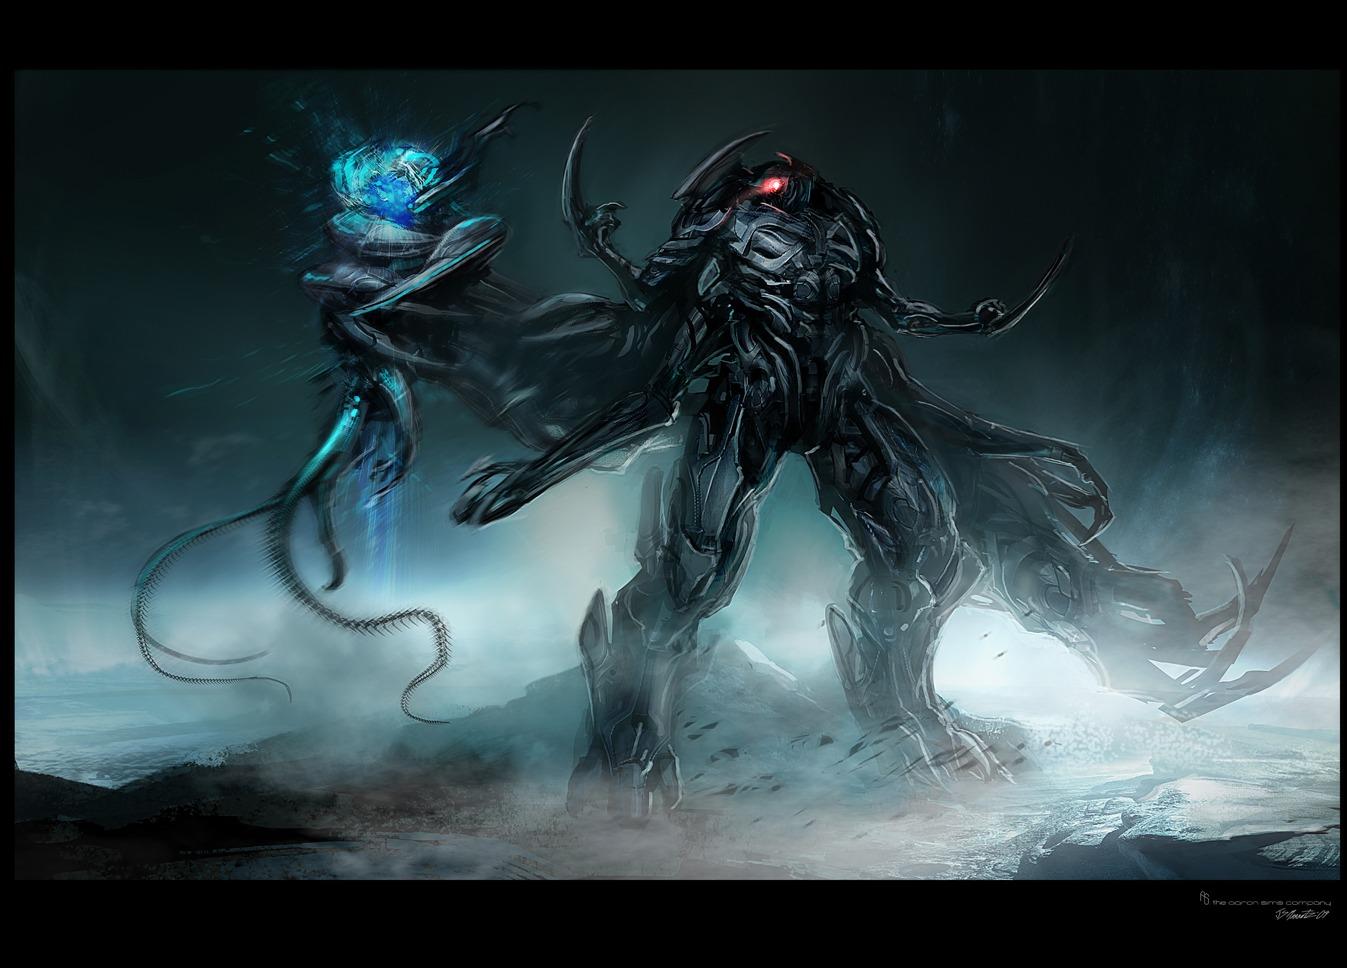 Shockwave Concept Transformers 3 Digital Art Fribly